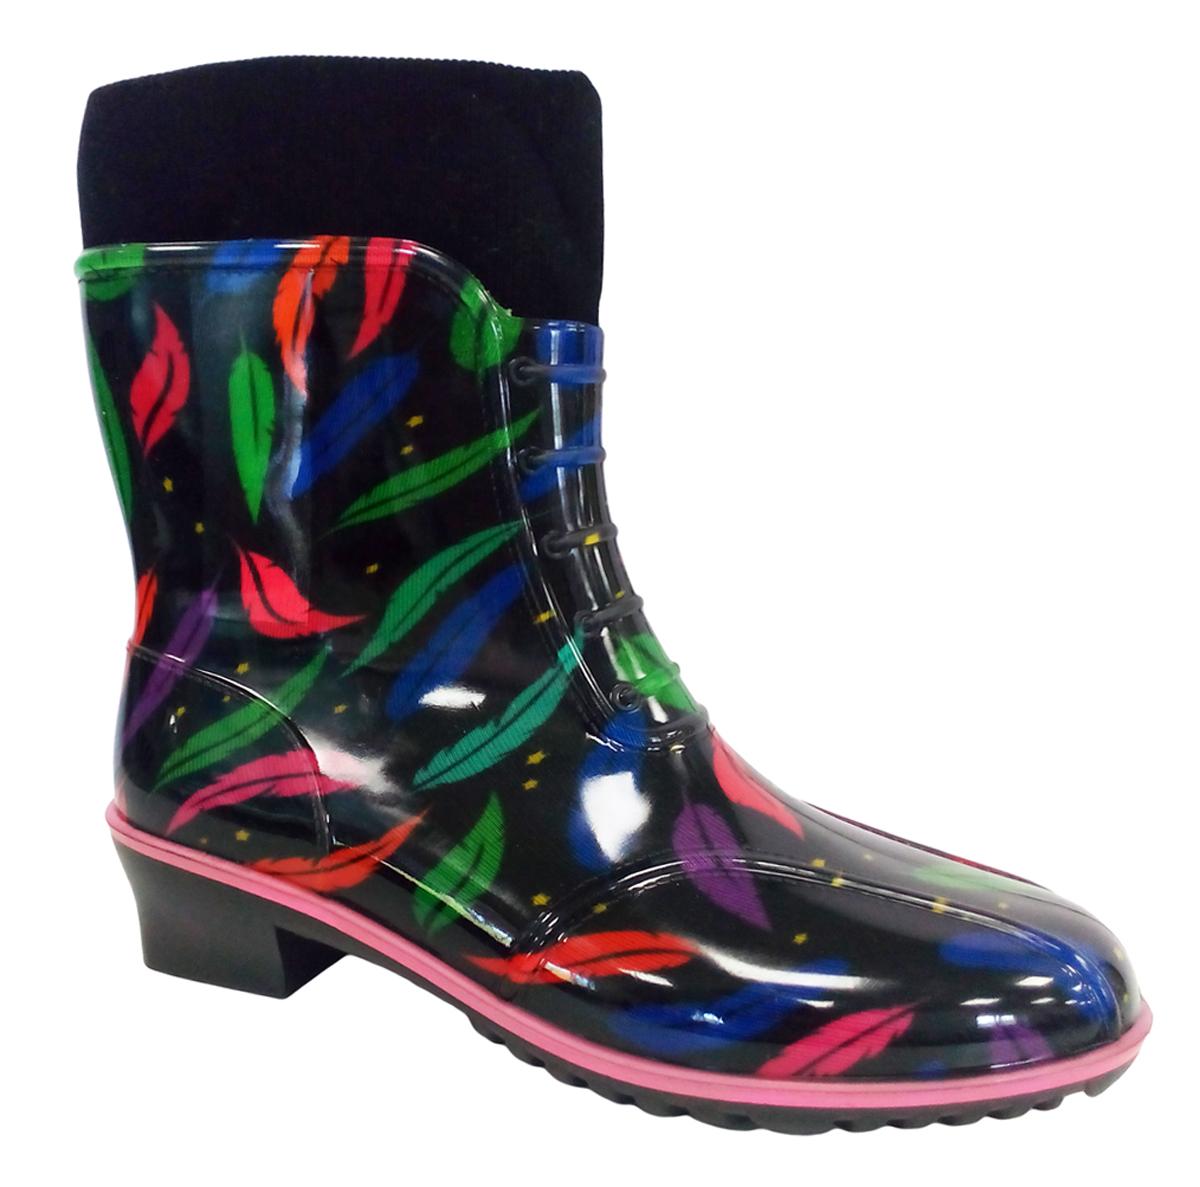 Сапоги резиновые для девочки Дюна, цвет: черный. 662/02 РУВ. Размер 39662/02 РУВПрелестные резиновые сапоги Дюна - идеальная обувь в дождливую погоду для вашего ребенка. Сапоги, выполненные из резины, с верху дополнены - текстильной резинкой. Подкладка и стелька из текстиля обеспечат комфорт. Подошва с рифлением гарантирует отличное сцепление с любой поверхностью. Резиновые сапоги - необходимая вещь в гардеробе каждого ребенка.